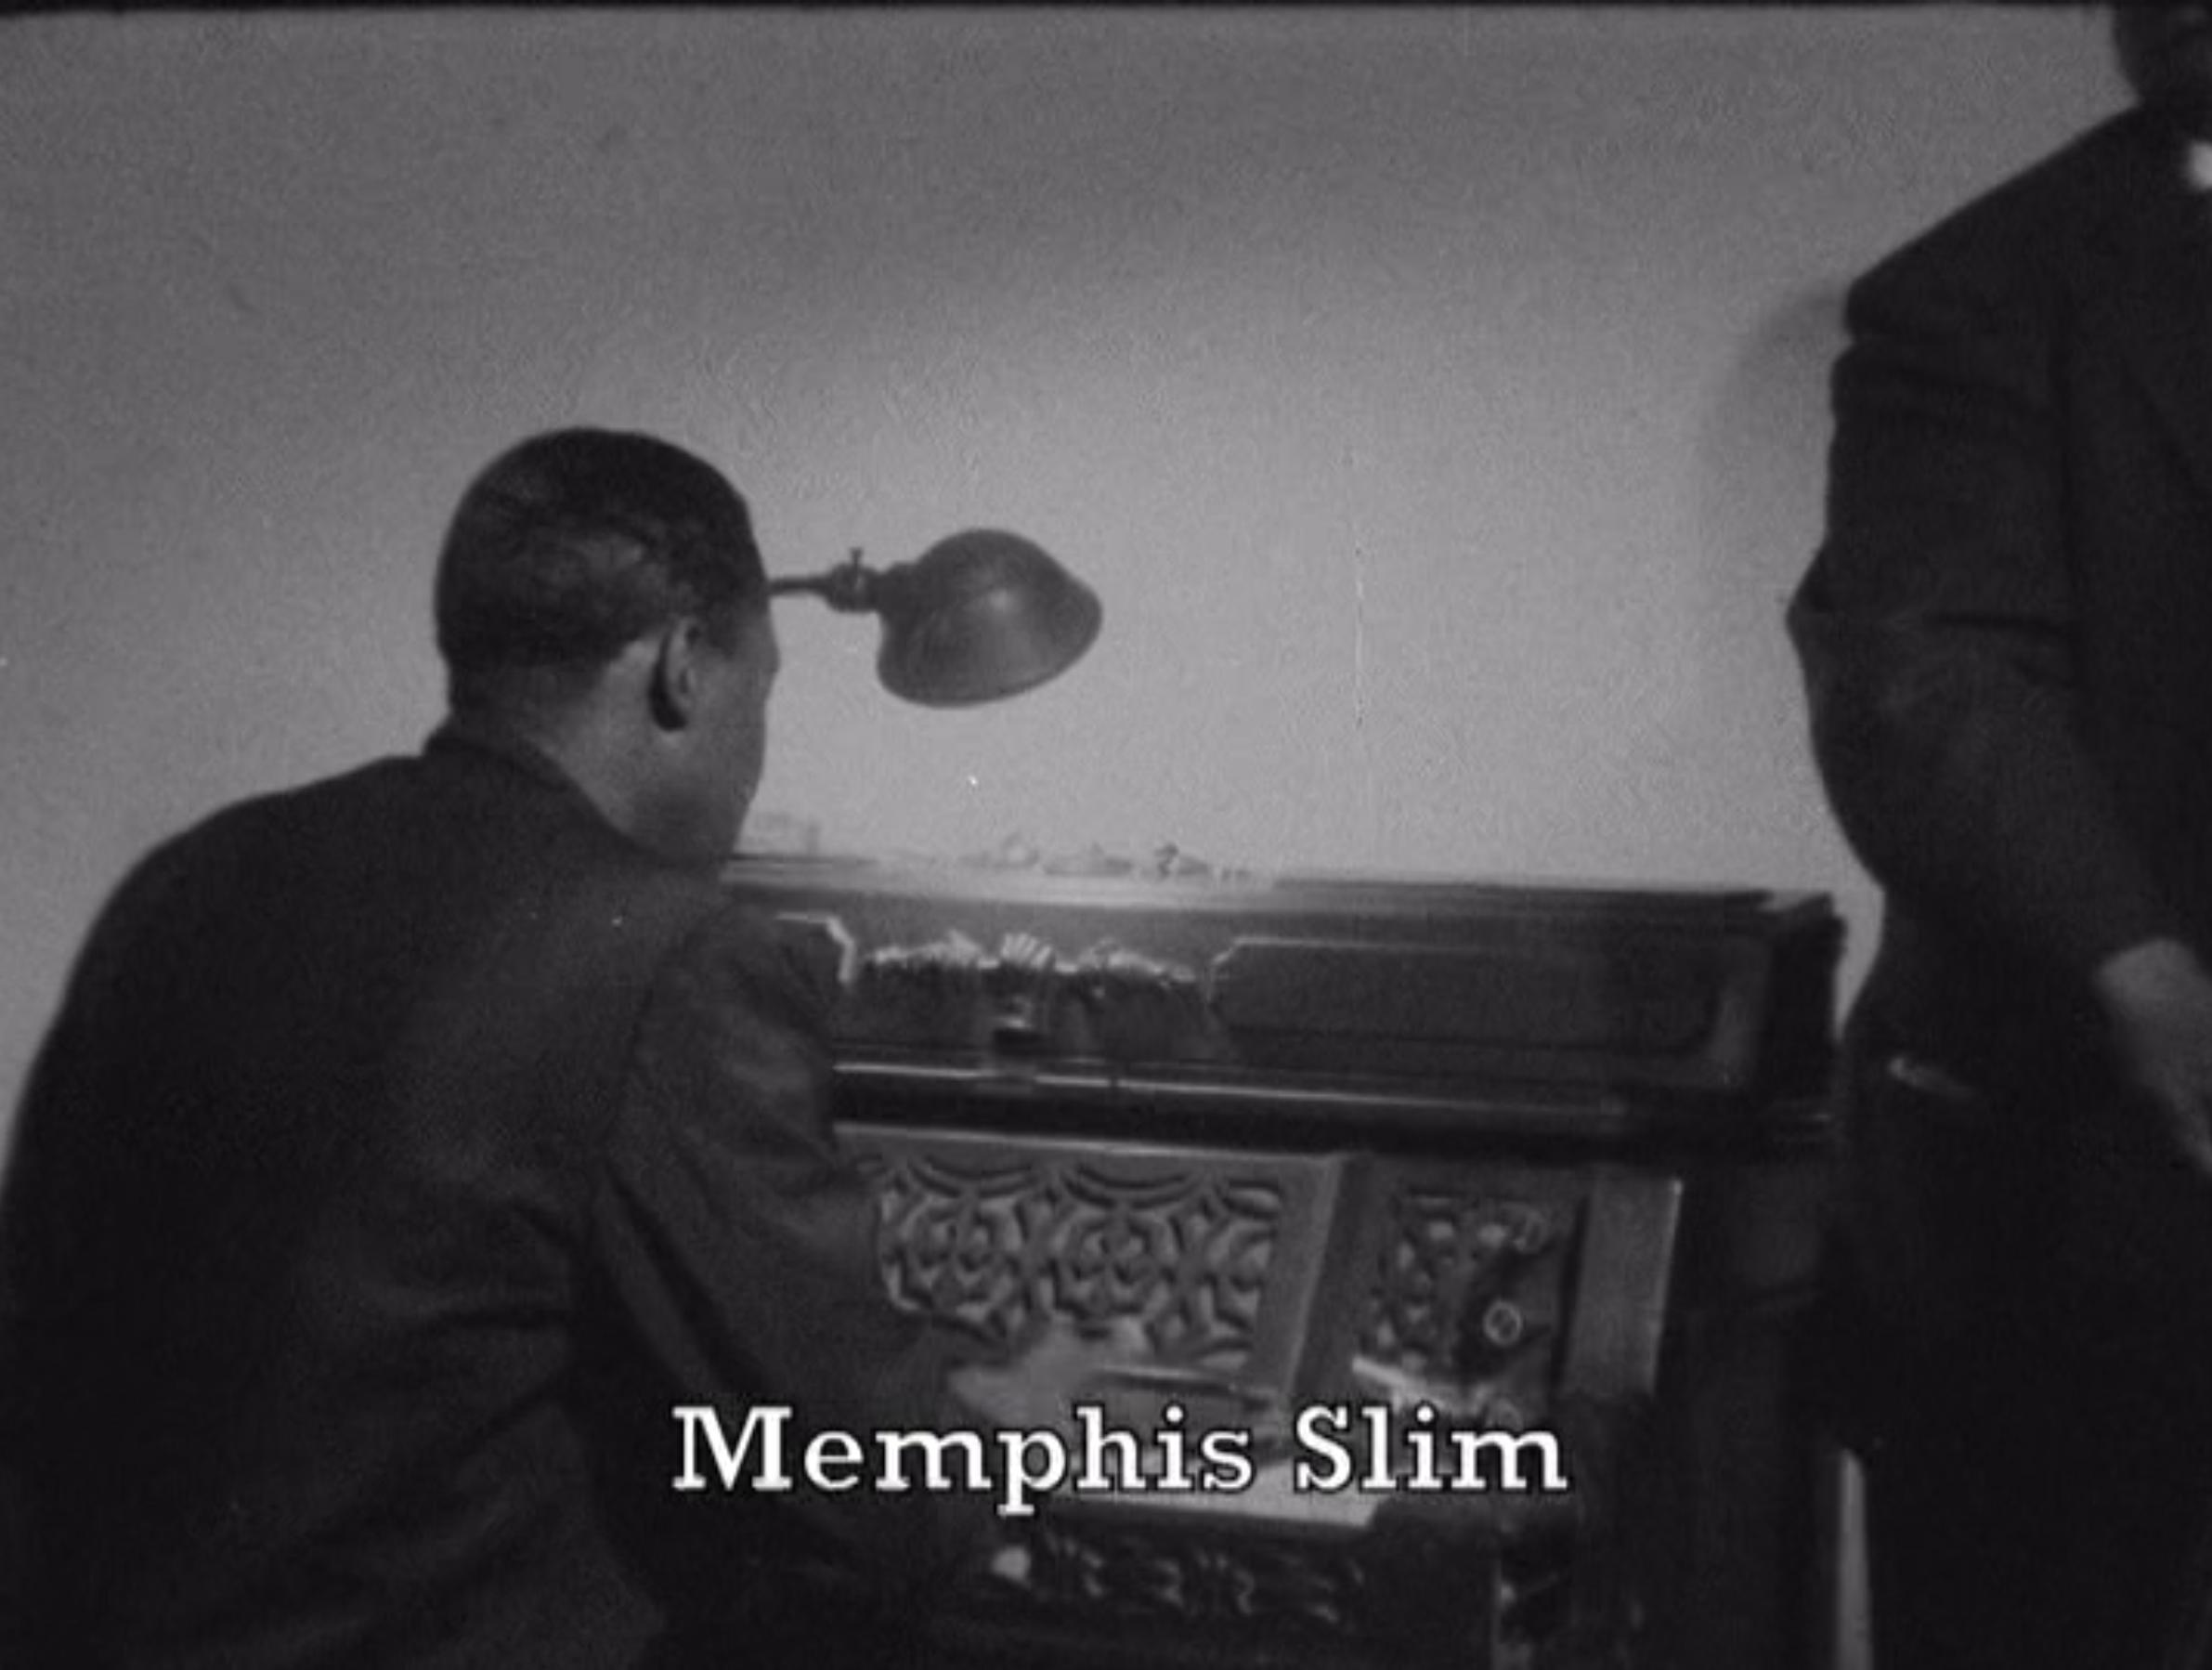 memphis slim.png